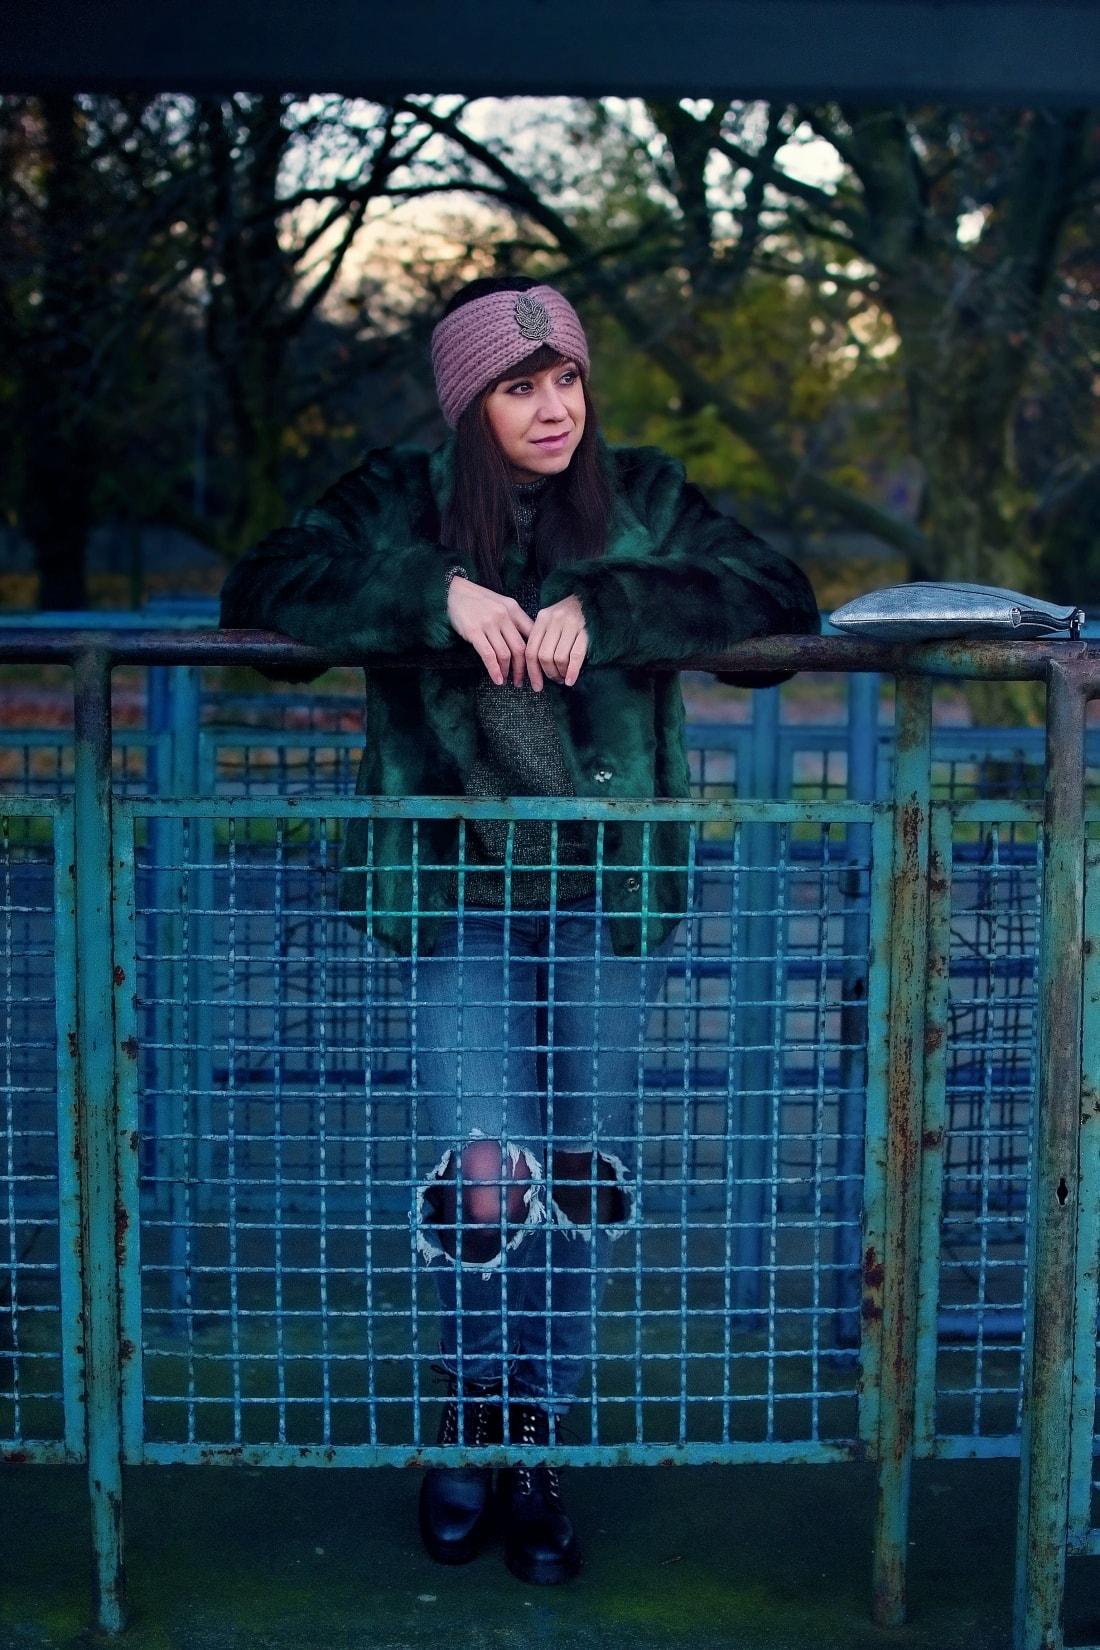 DNES NOSÍM ZELENÚ KOŽUŠINOVÚ BUNDU_Katharine-fashion is beautiful_blog 5_Zelený kožuch More&More_Sivé roztrhané džínsy Zara_Ružová čelenka Lindex_Katarína Jakubčová_Fashion blogger